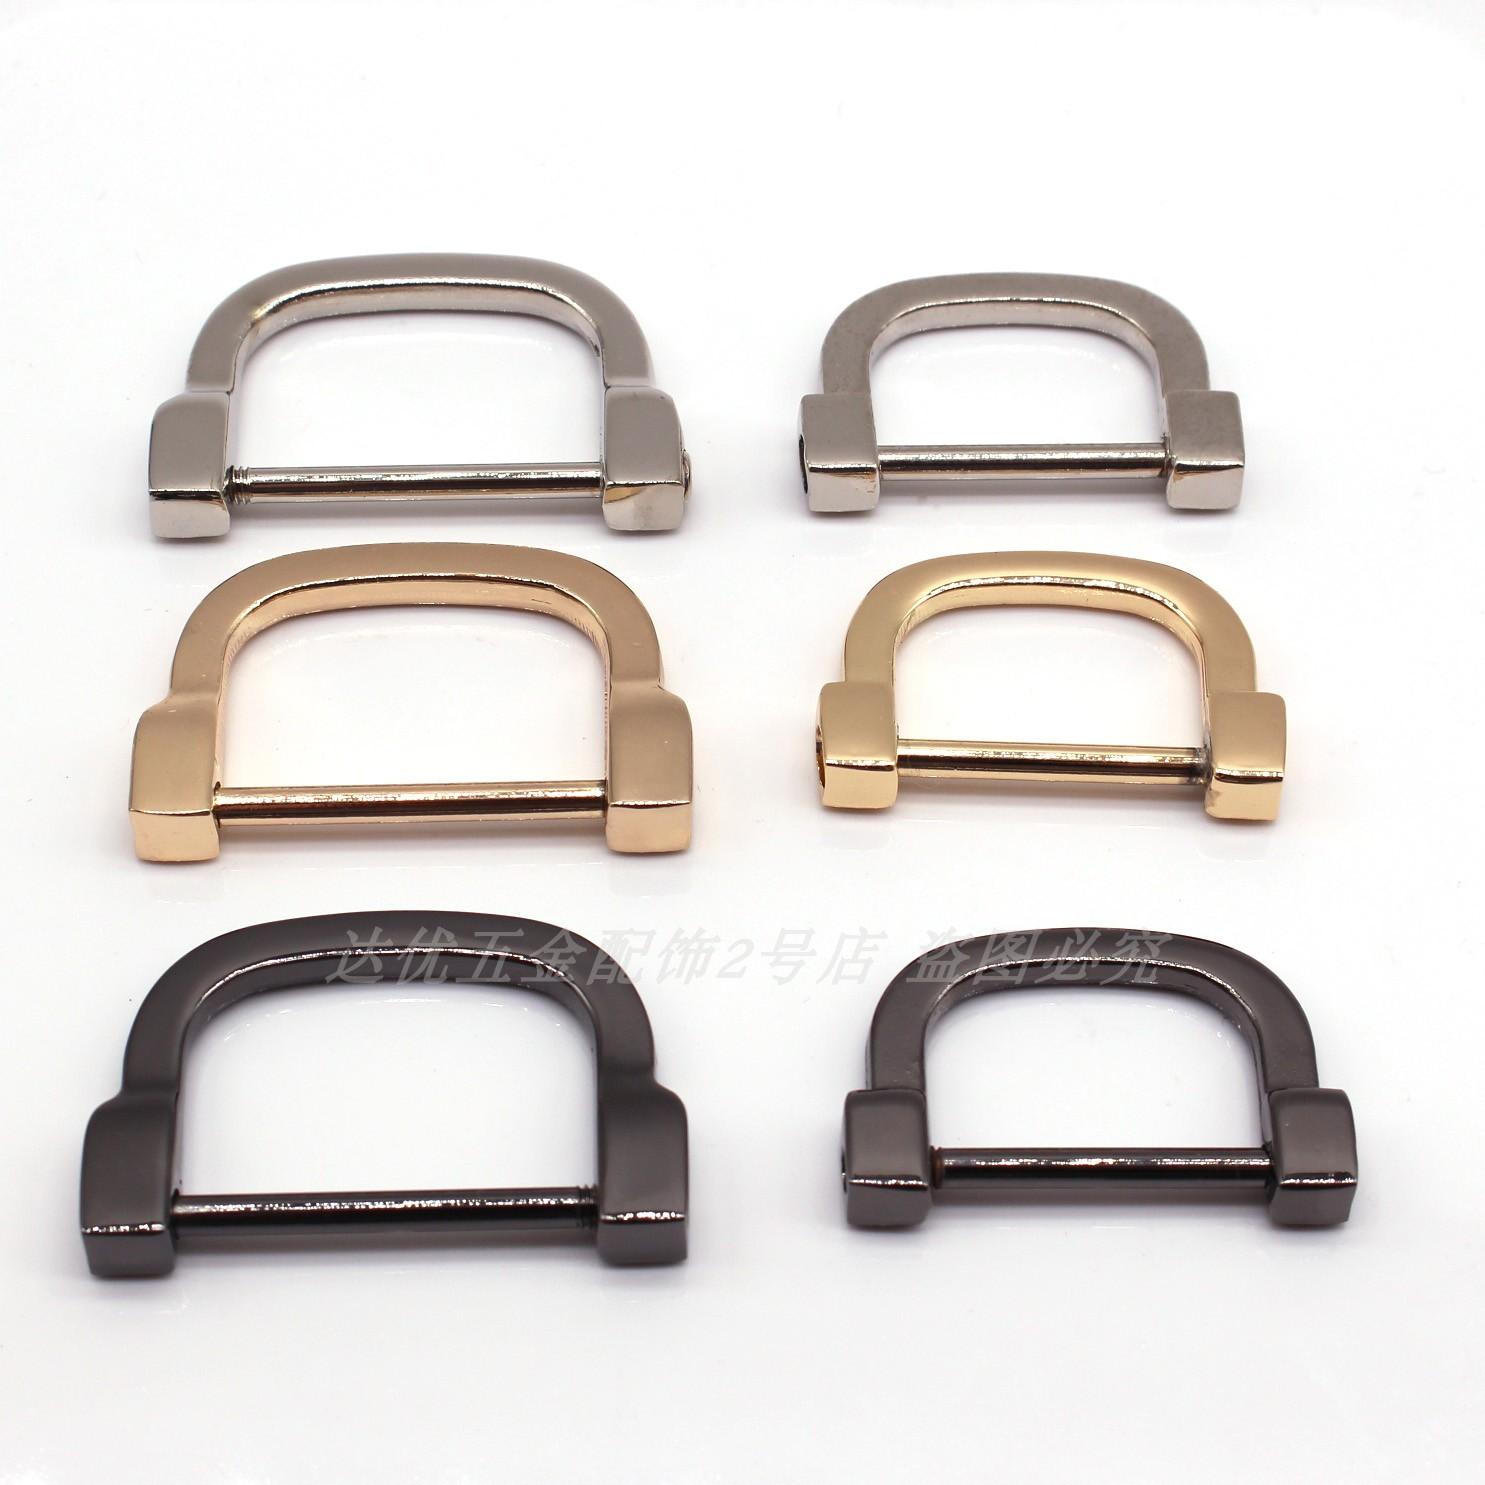 Аксессуары для дорожных сумок Артикул 580163436391